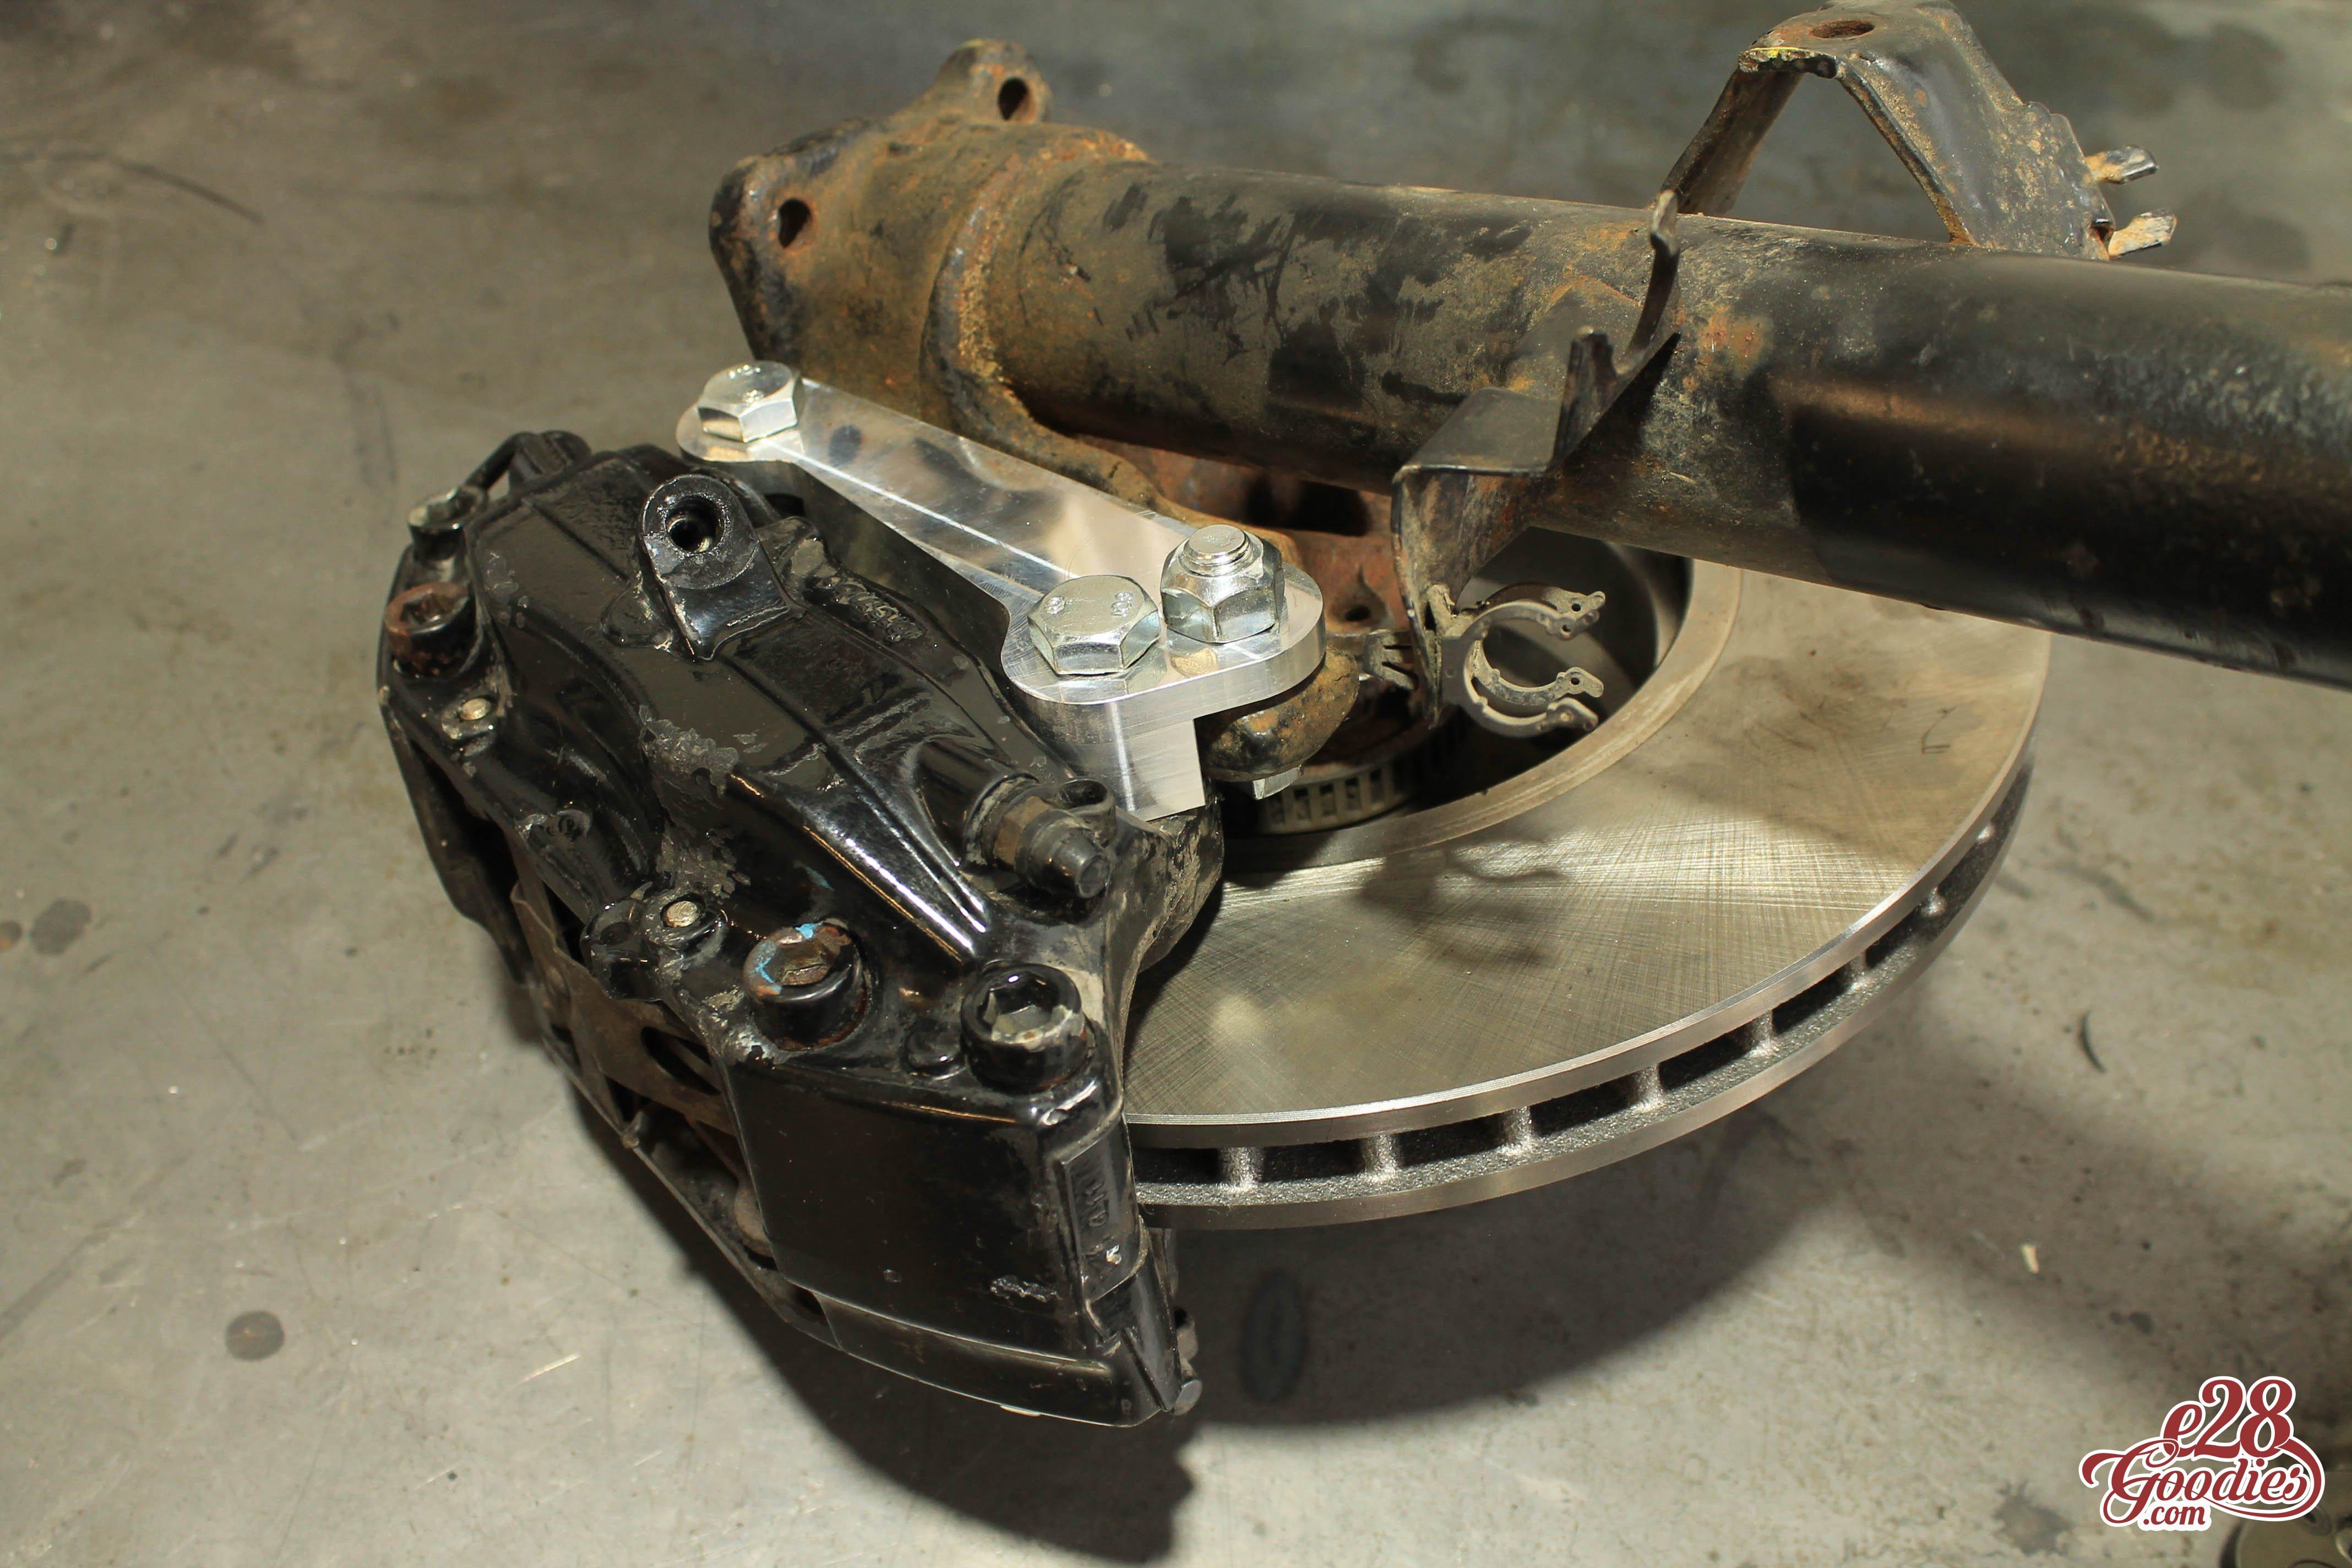 e38 Four pot brembo caliper adapters for your e34